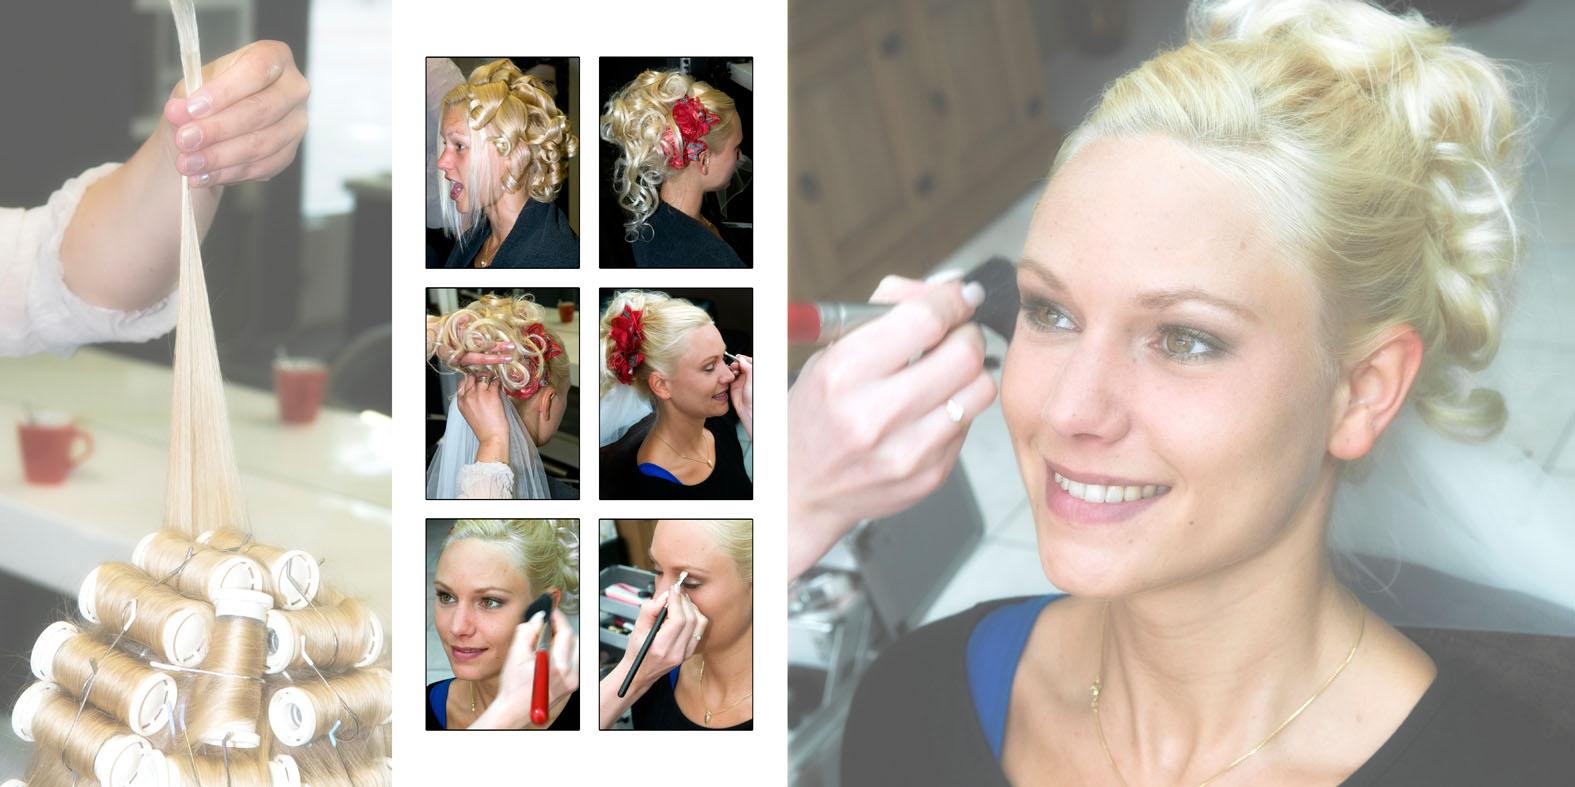 Niestadt-fotografie-Schoonhoven-trouw-fotos-Herman-en-Jennifer-Lopik-trouwboek-pagina-1